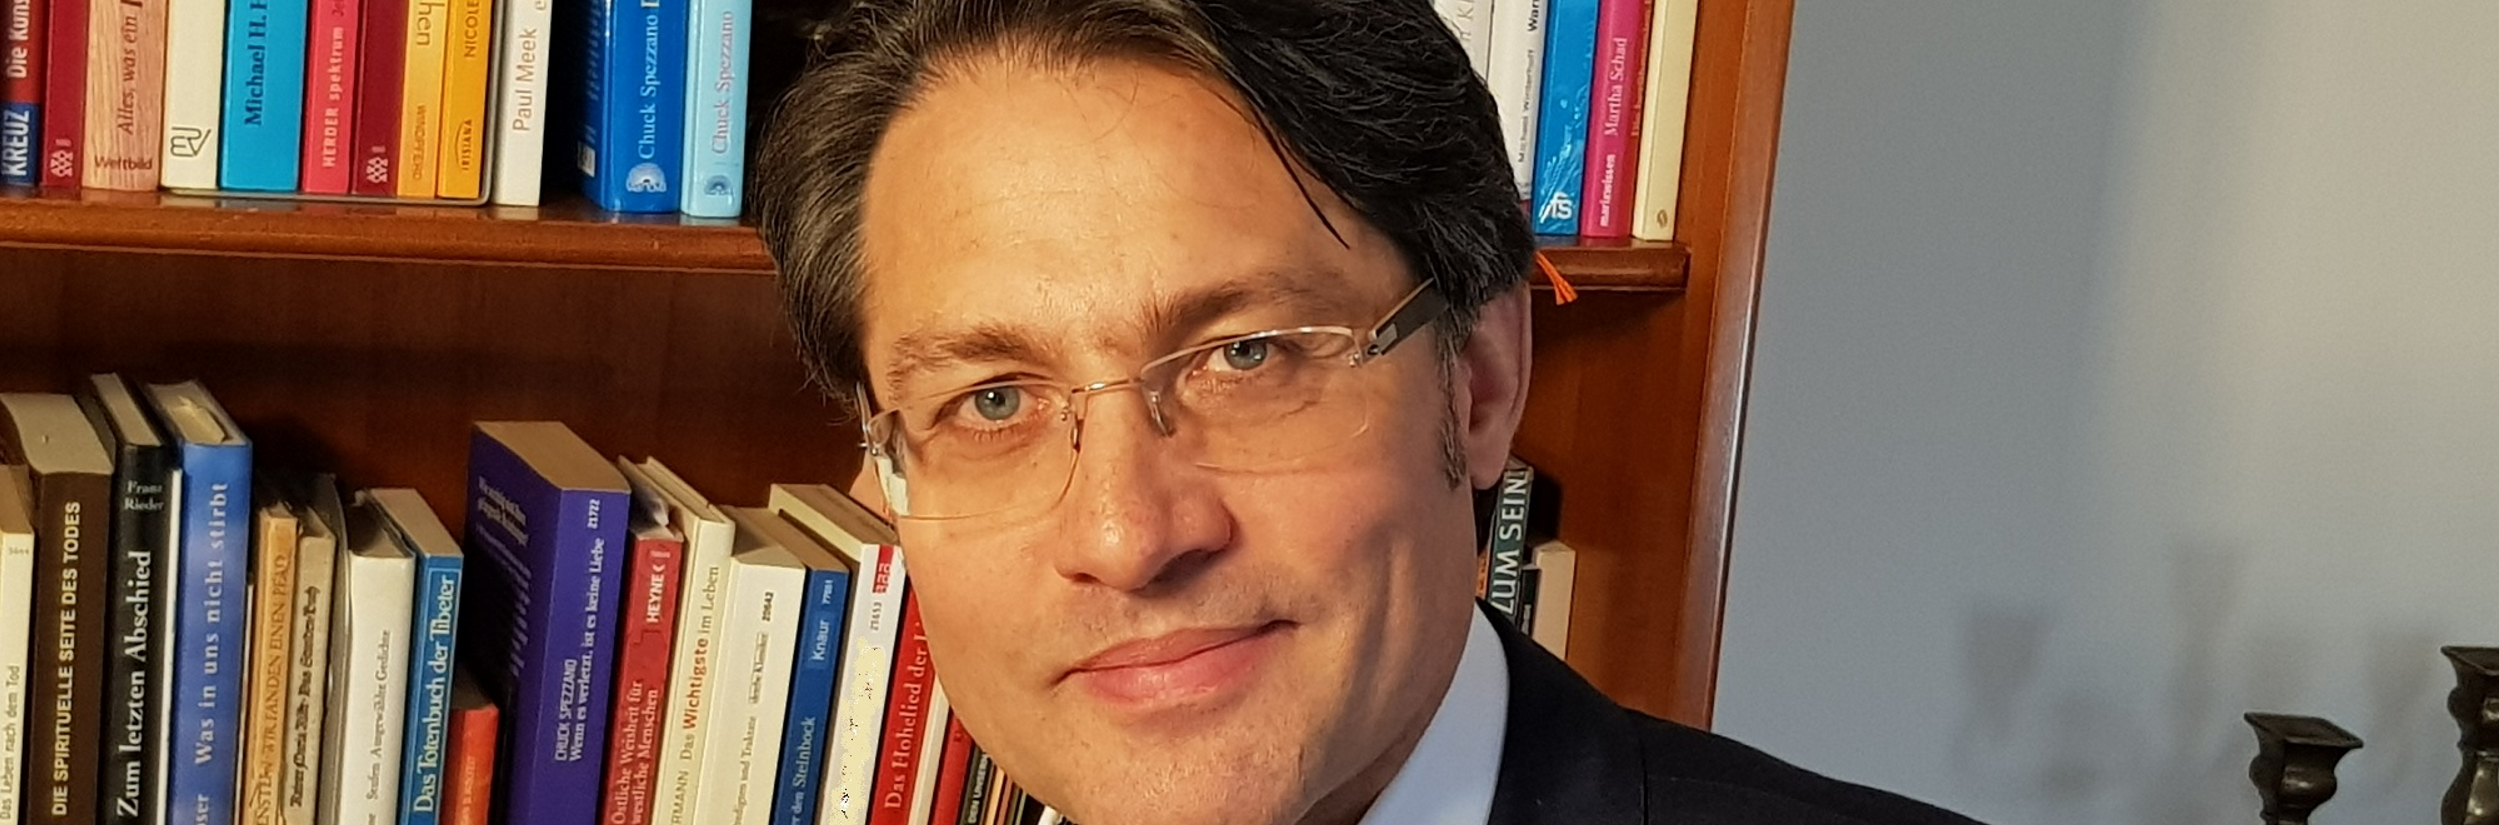 Trauerredner Christian G. Binder aus München